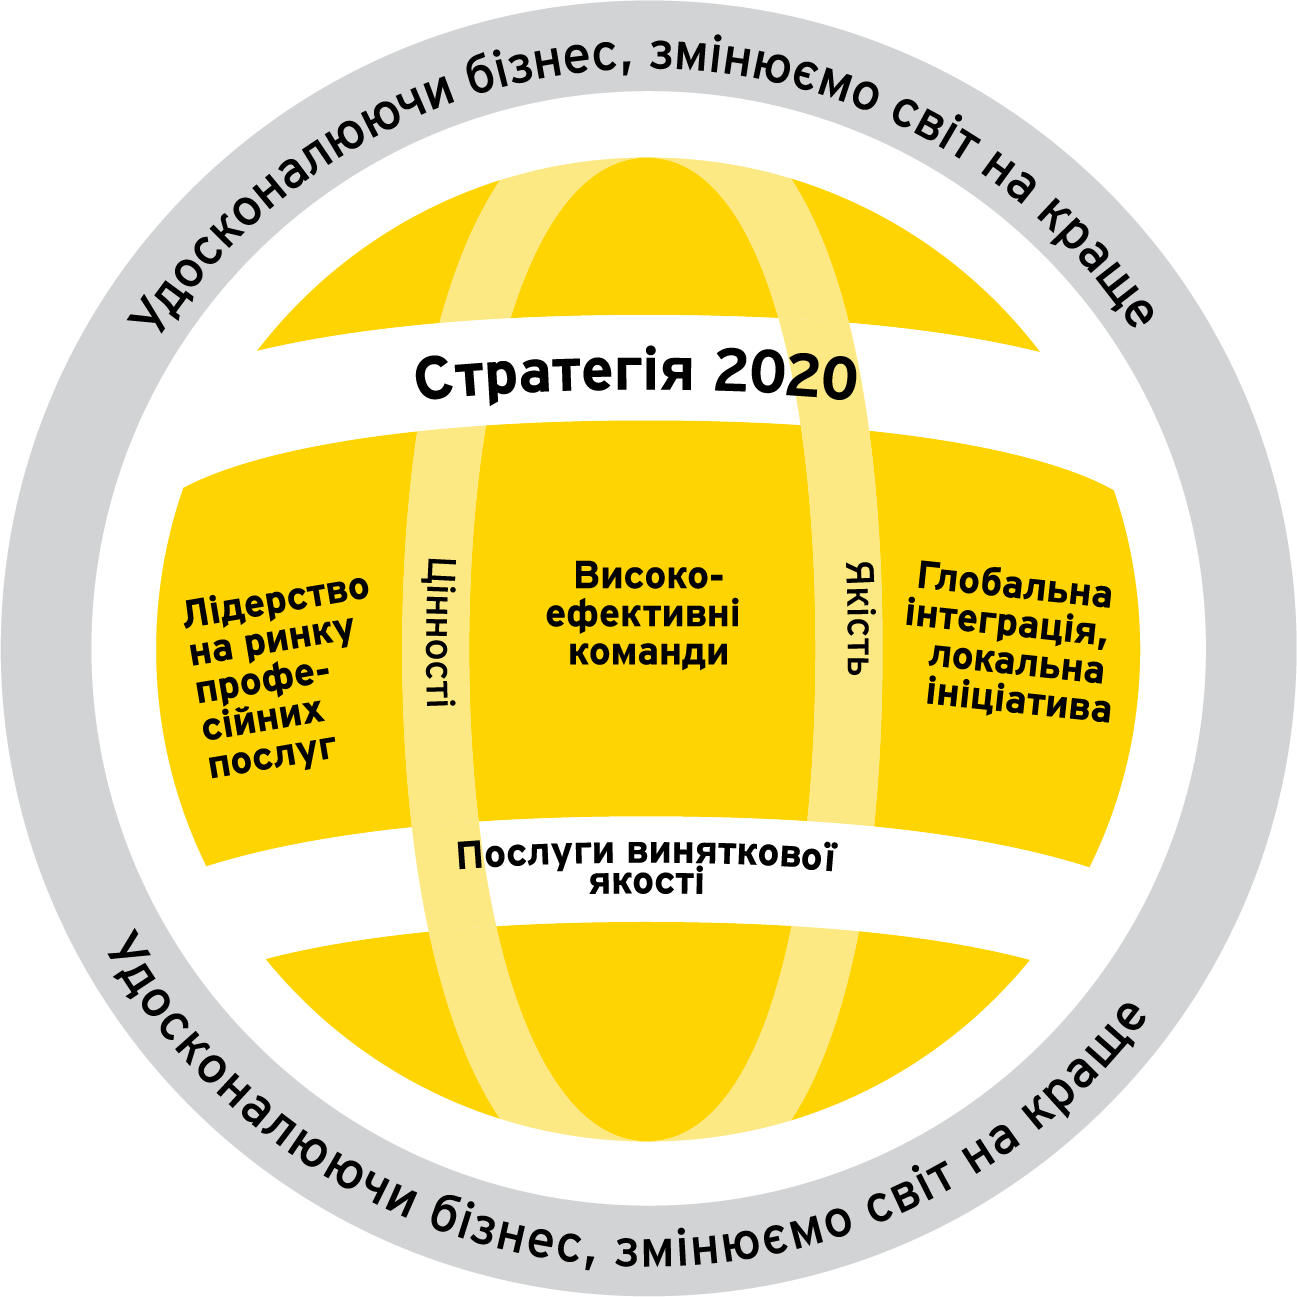 EY - Vision 2020